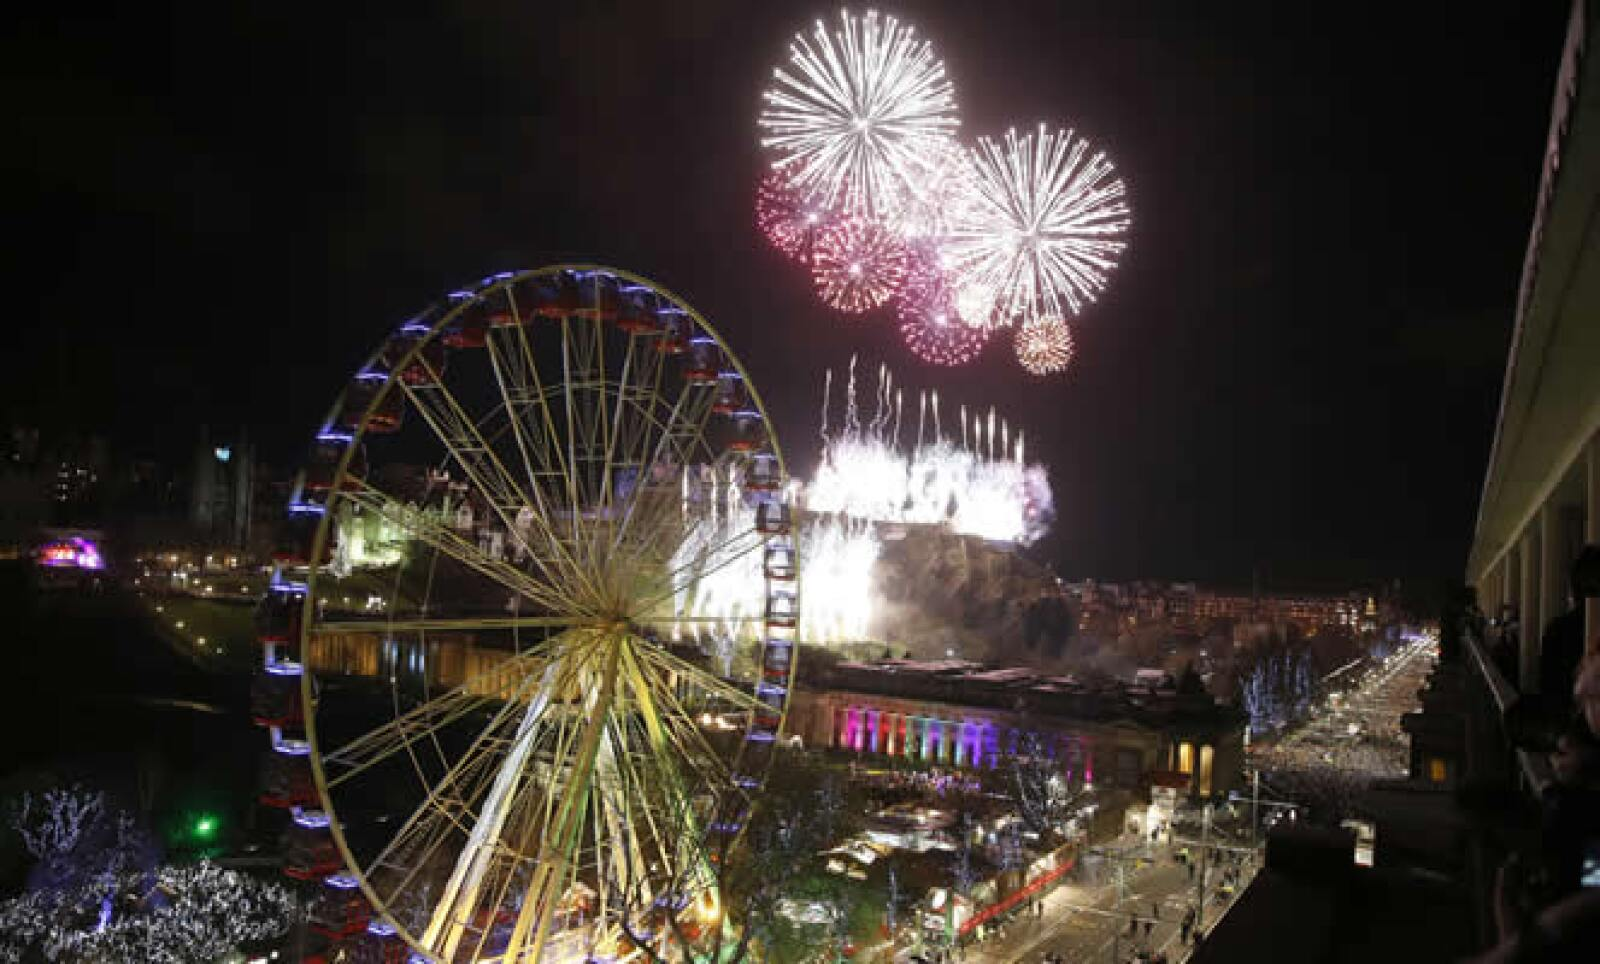 Fuegos artificiales explotan sobre el Castillo de Edimburgo, en Escocia, durante las celebraciones del Año Nuevo.